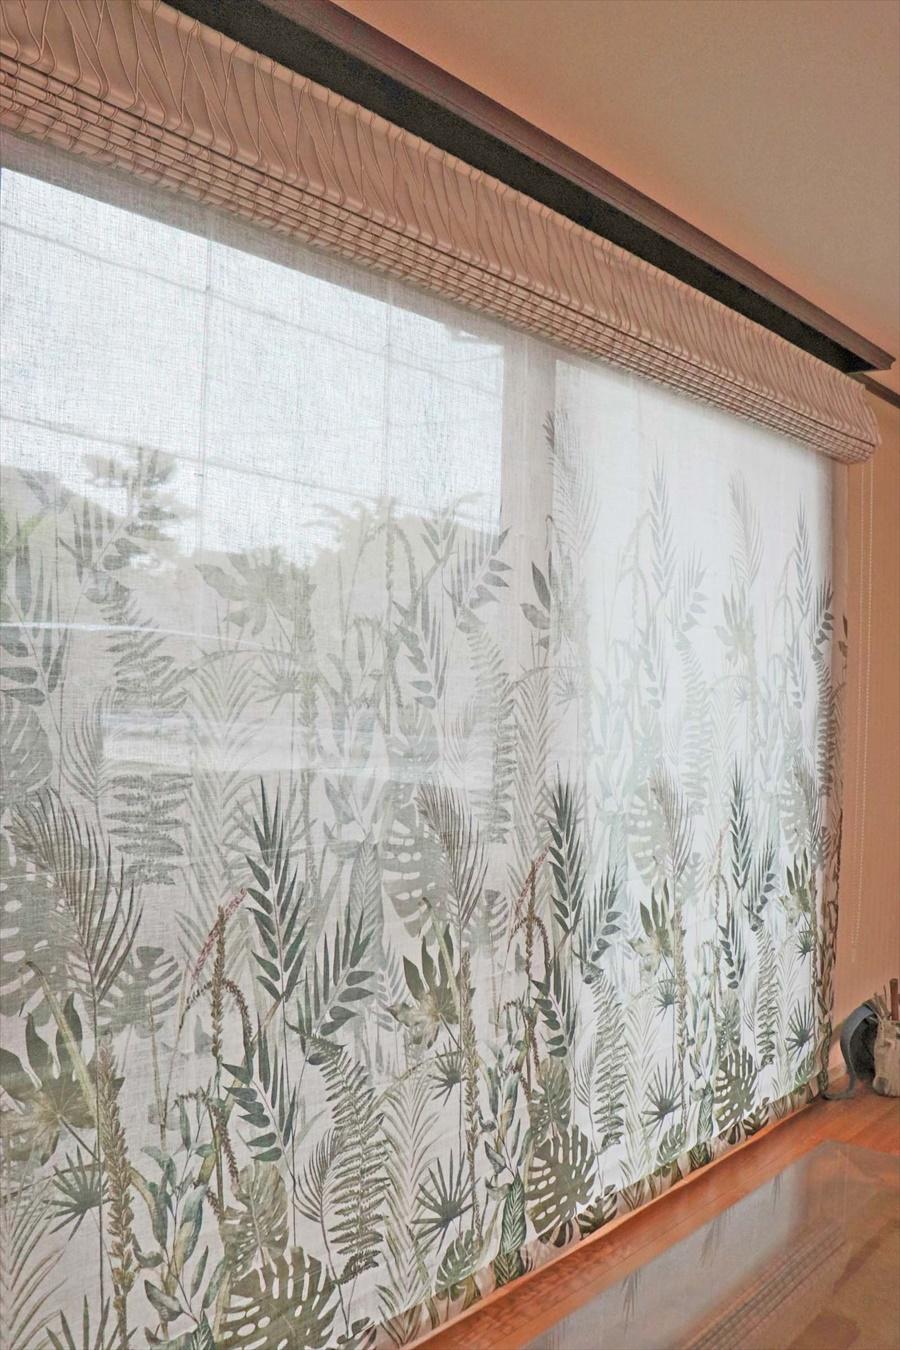 353.お部屋ごとに決めたテーマで個性のあるカーテンを楽しむ